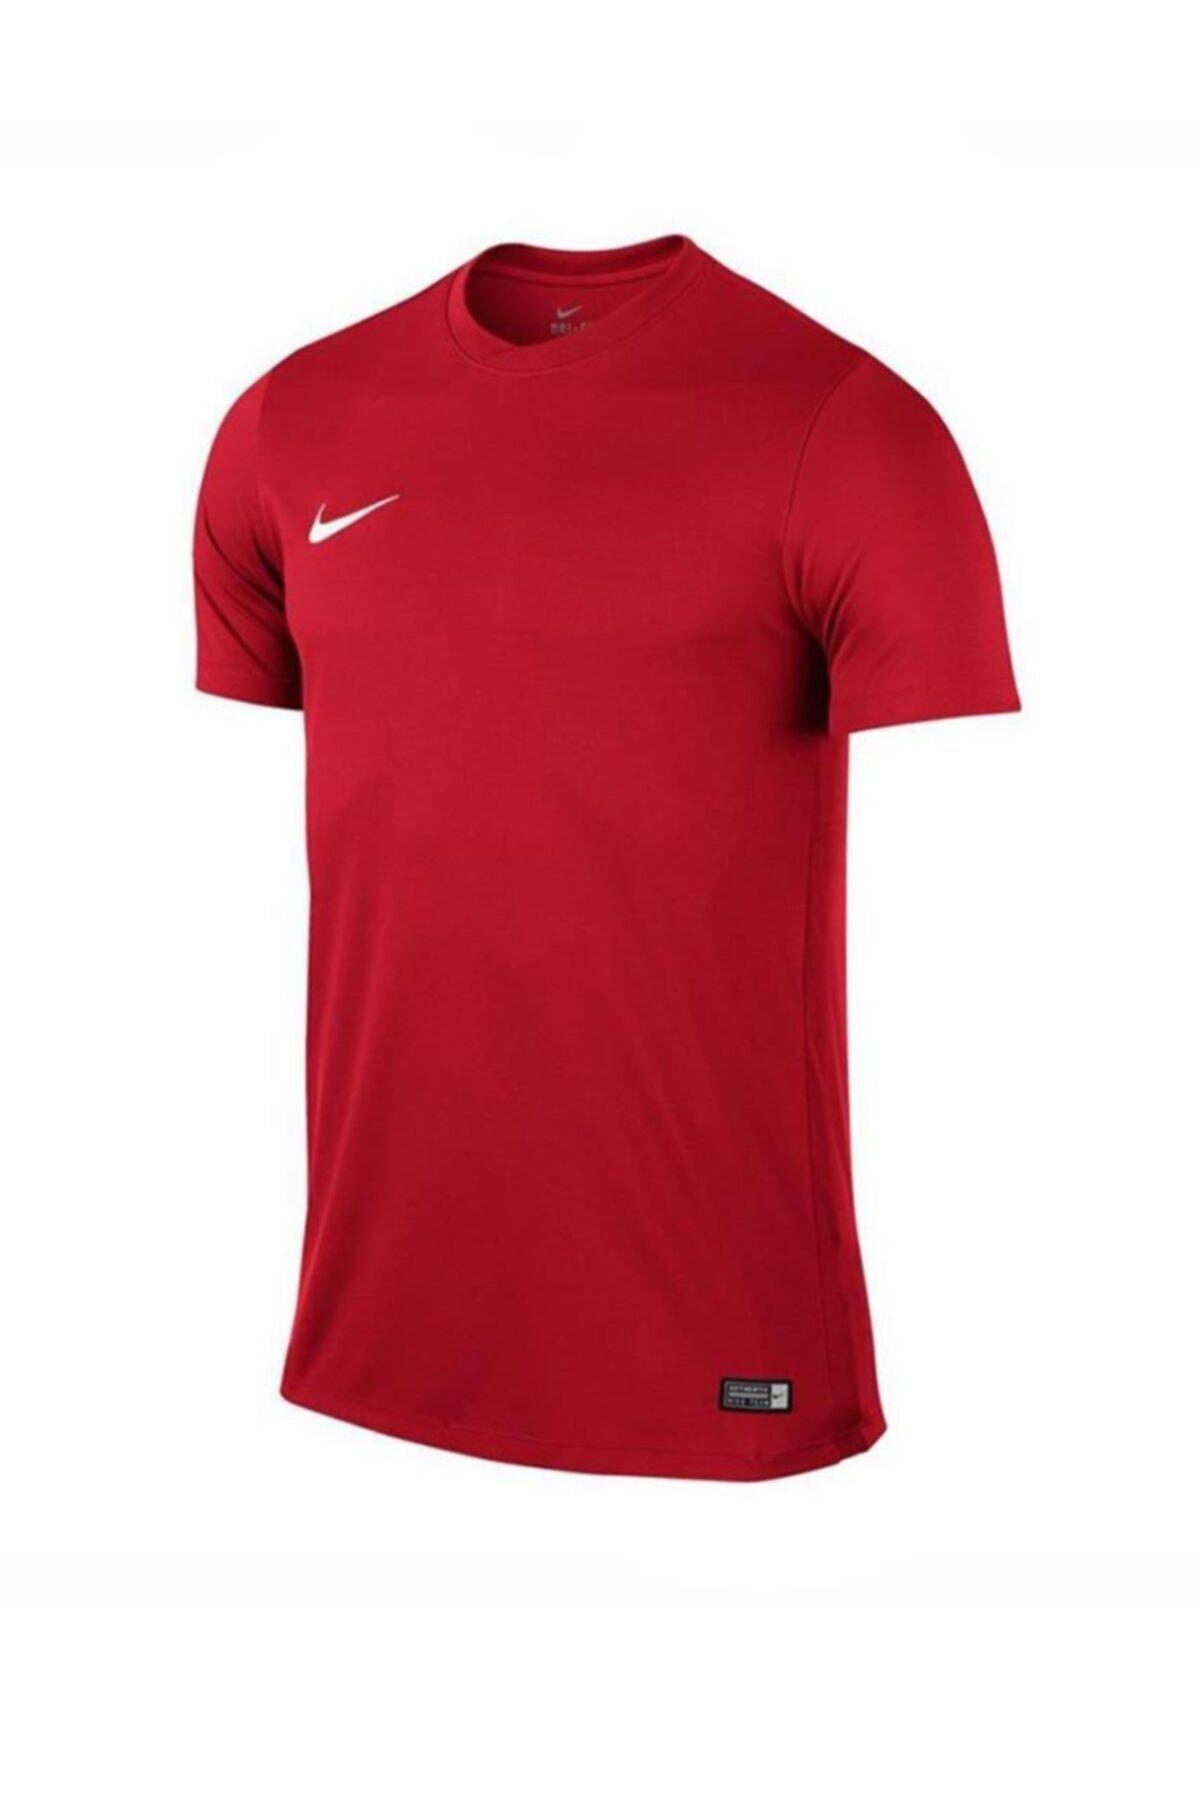 Nike Ss Park Vı Jsy 725891-657 Kısa Kol Forma 1